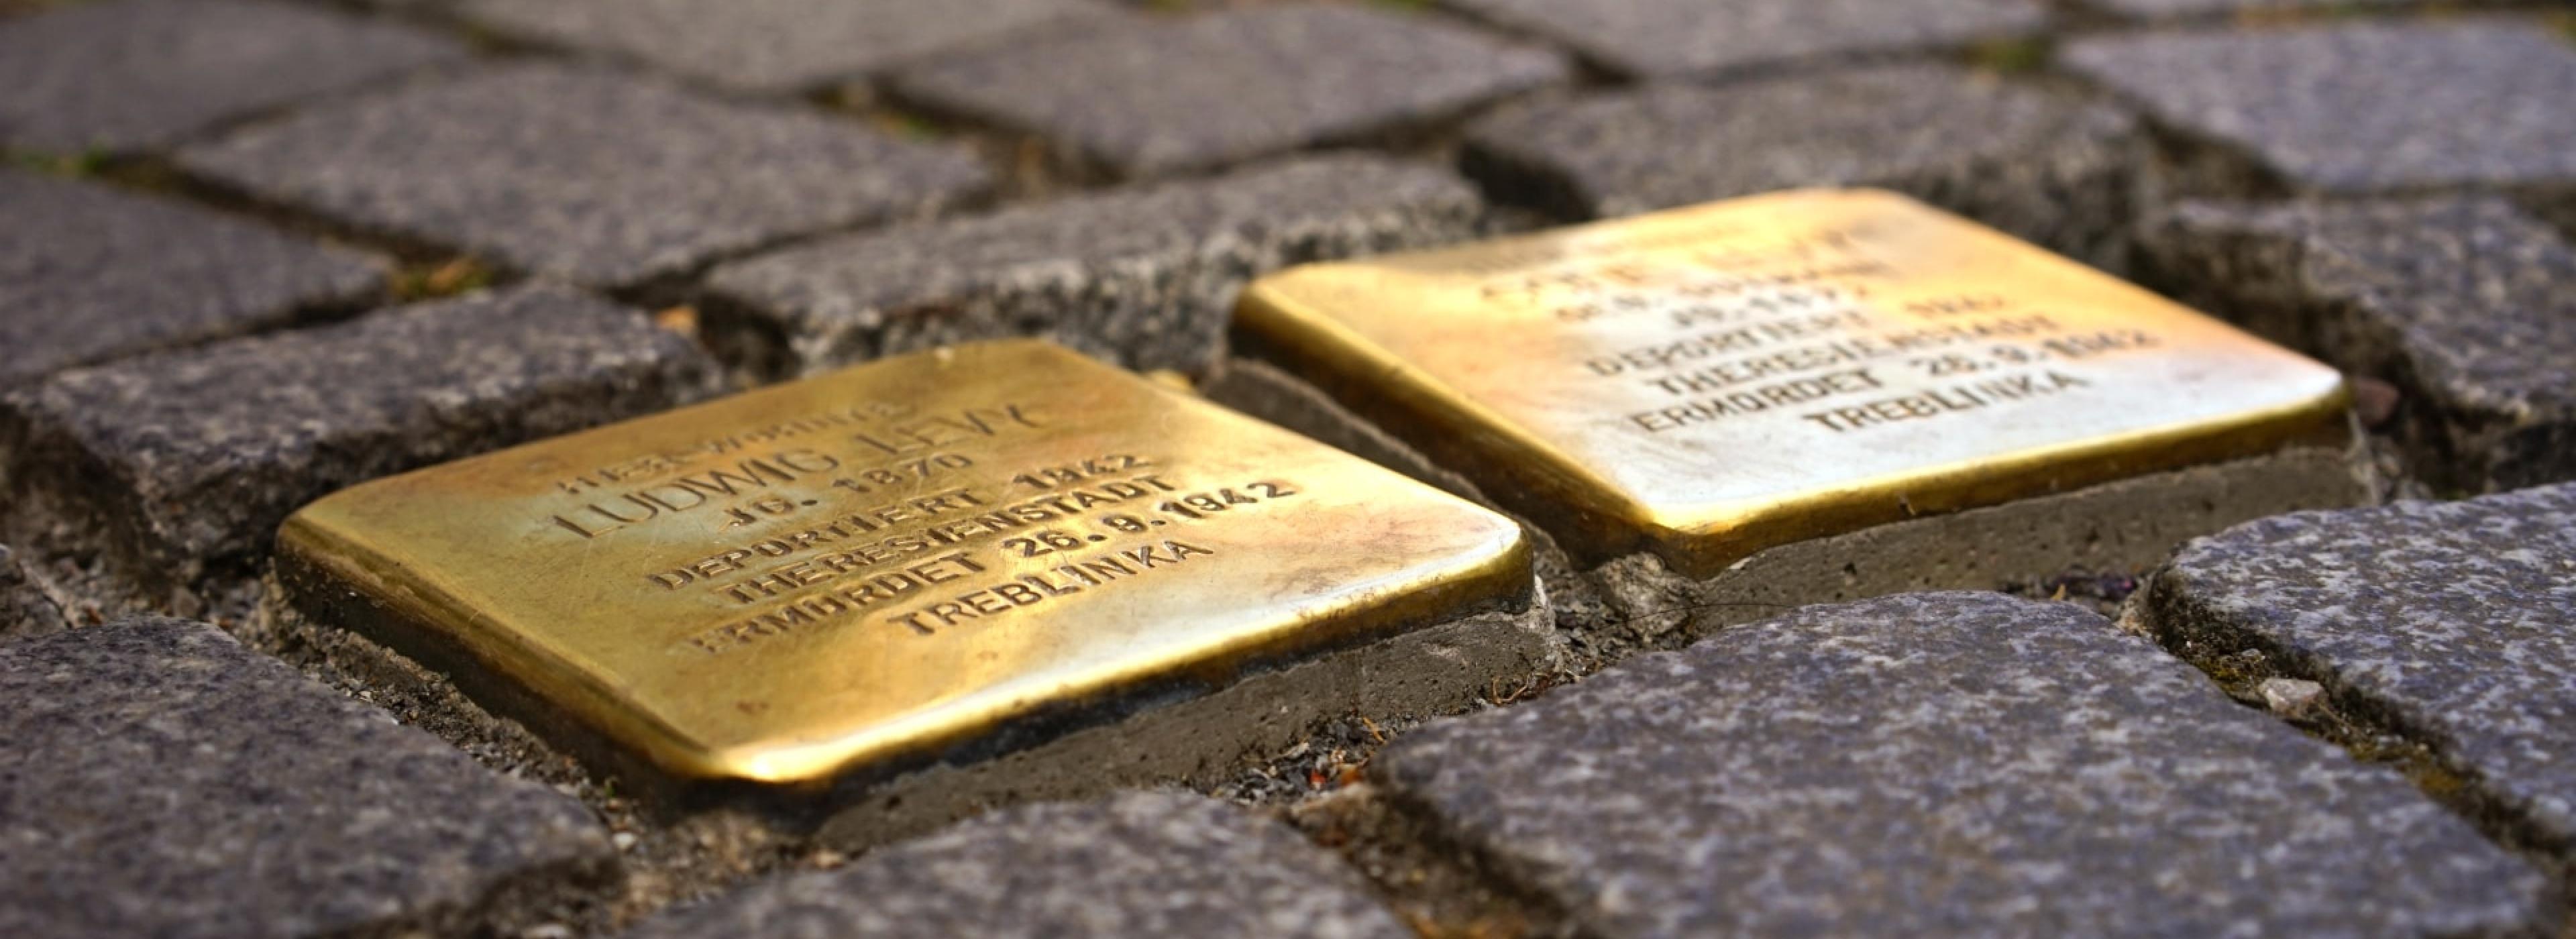 Stumbling Blocks, Berlin